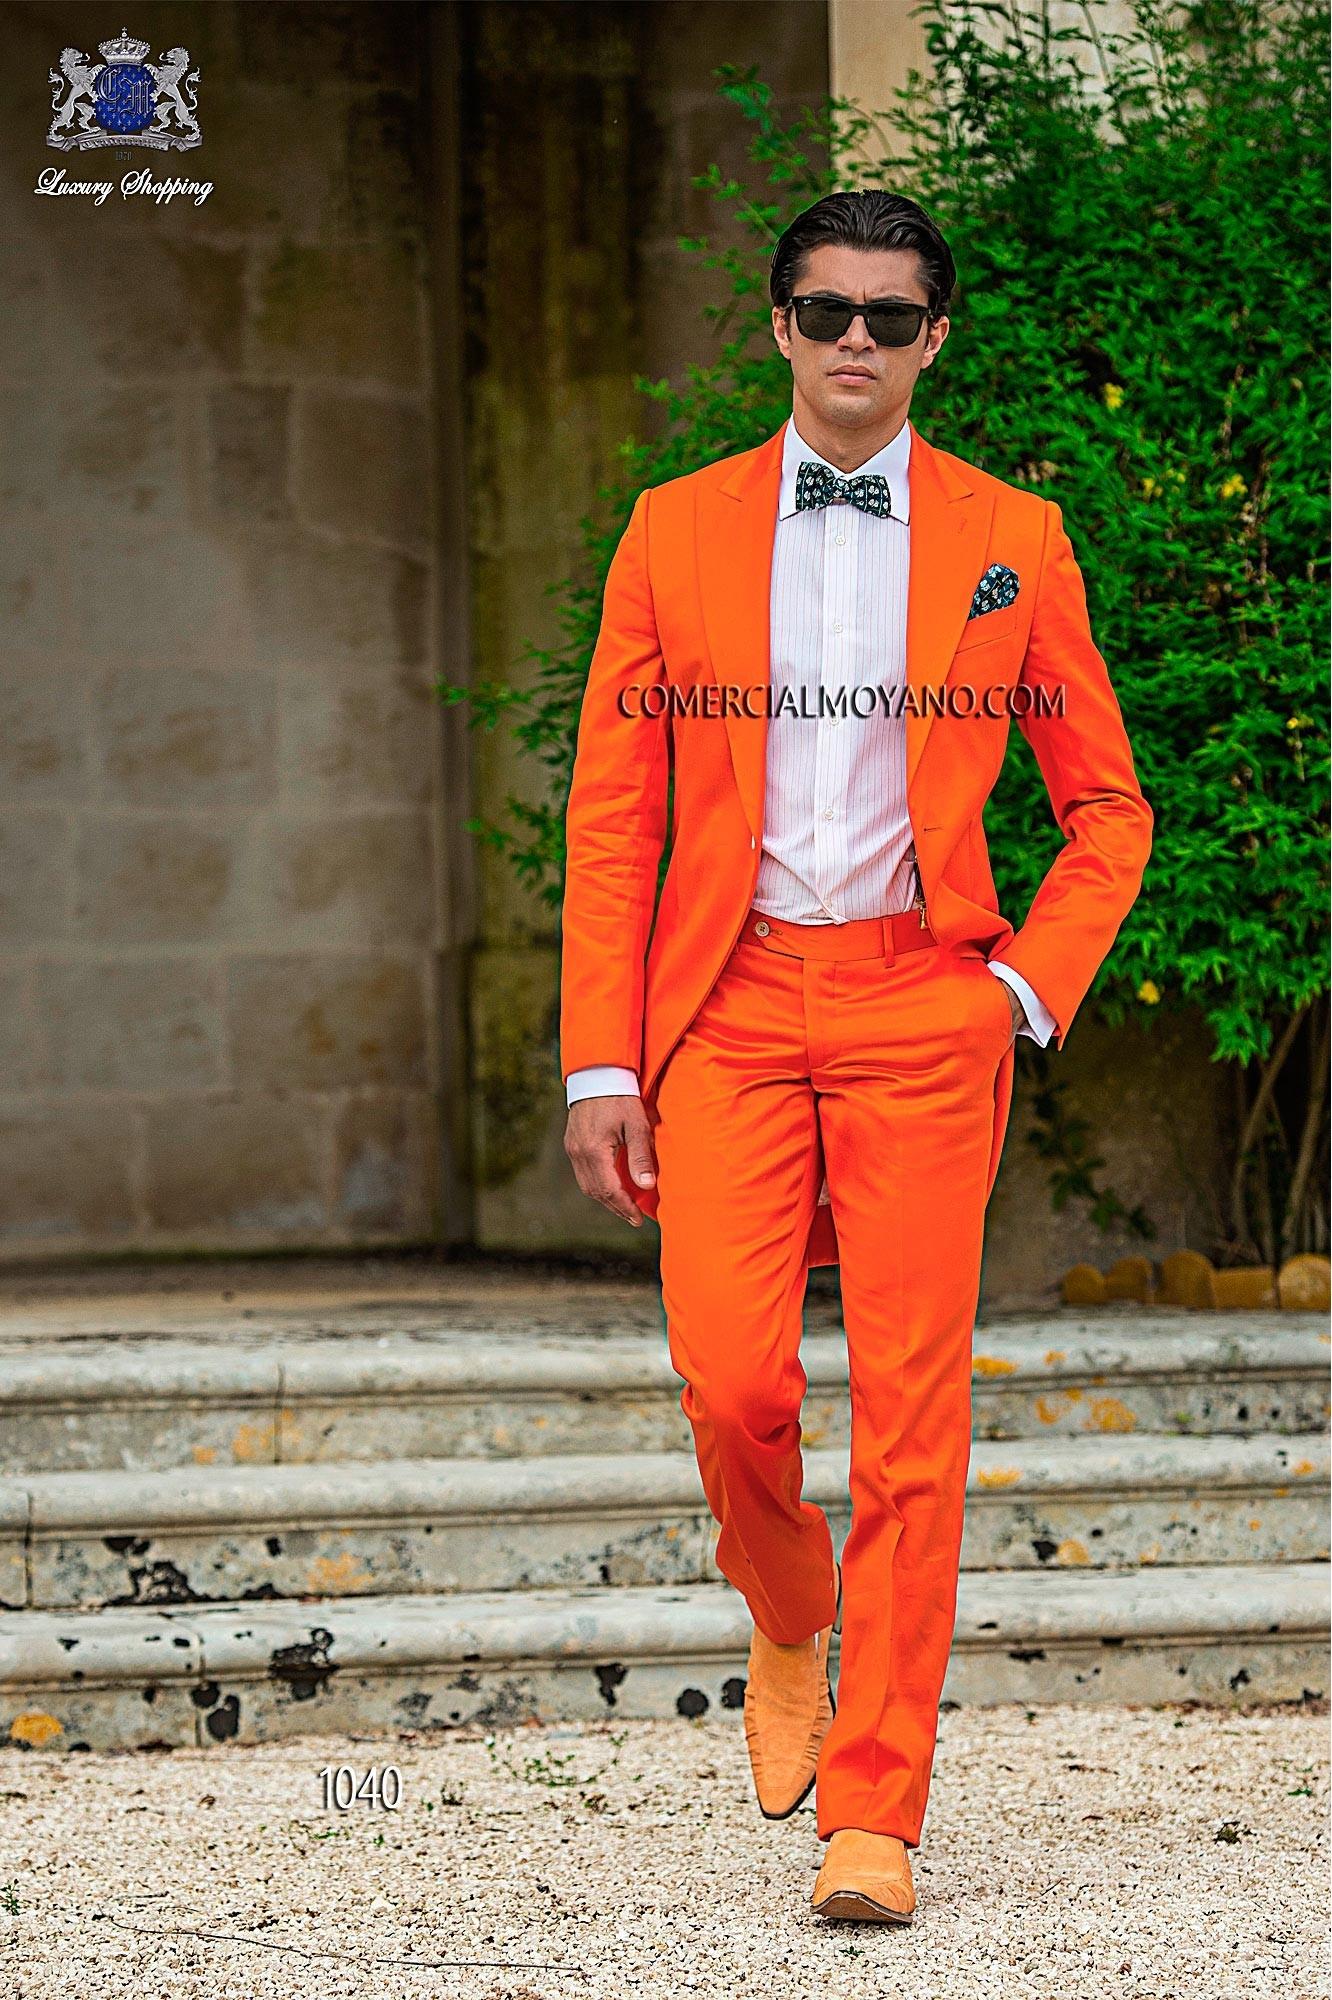 Traje de novio Hipster naranja modelo: 1040 Ottavio Nuccio Gala colección Hipster 2017